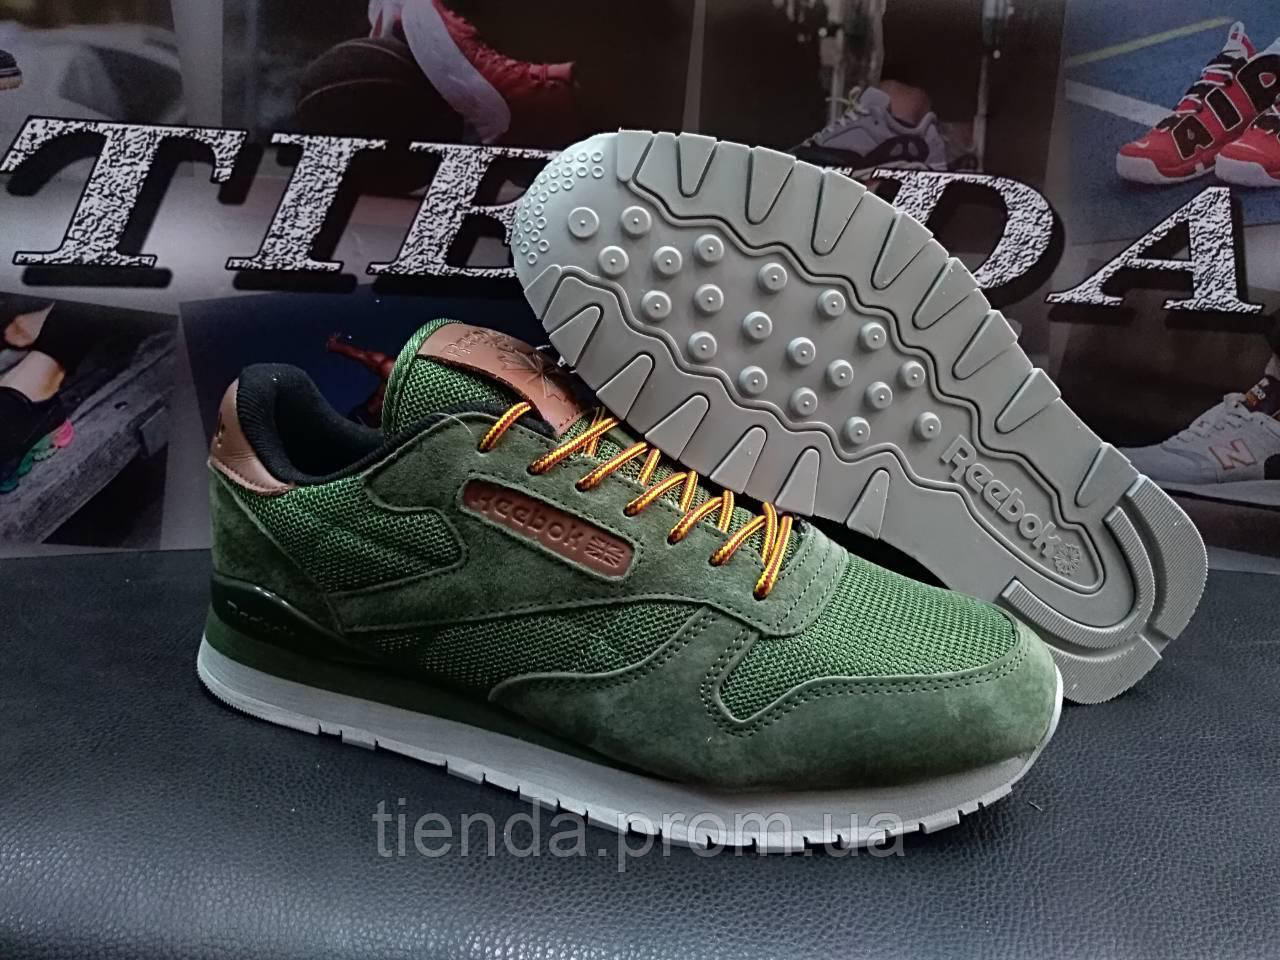 46272d8c3 Мужские кроссовки Reebok Classic замша зеленый: продажа, цена в ...